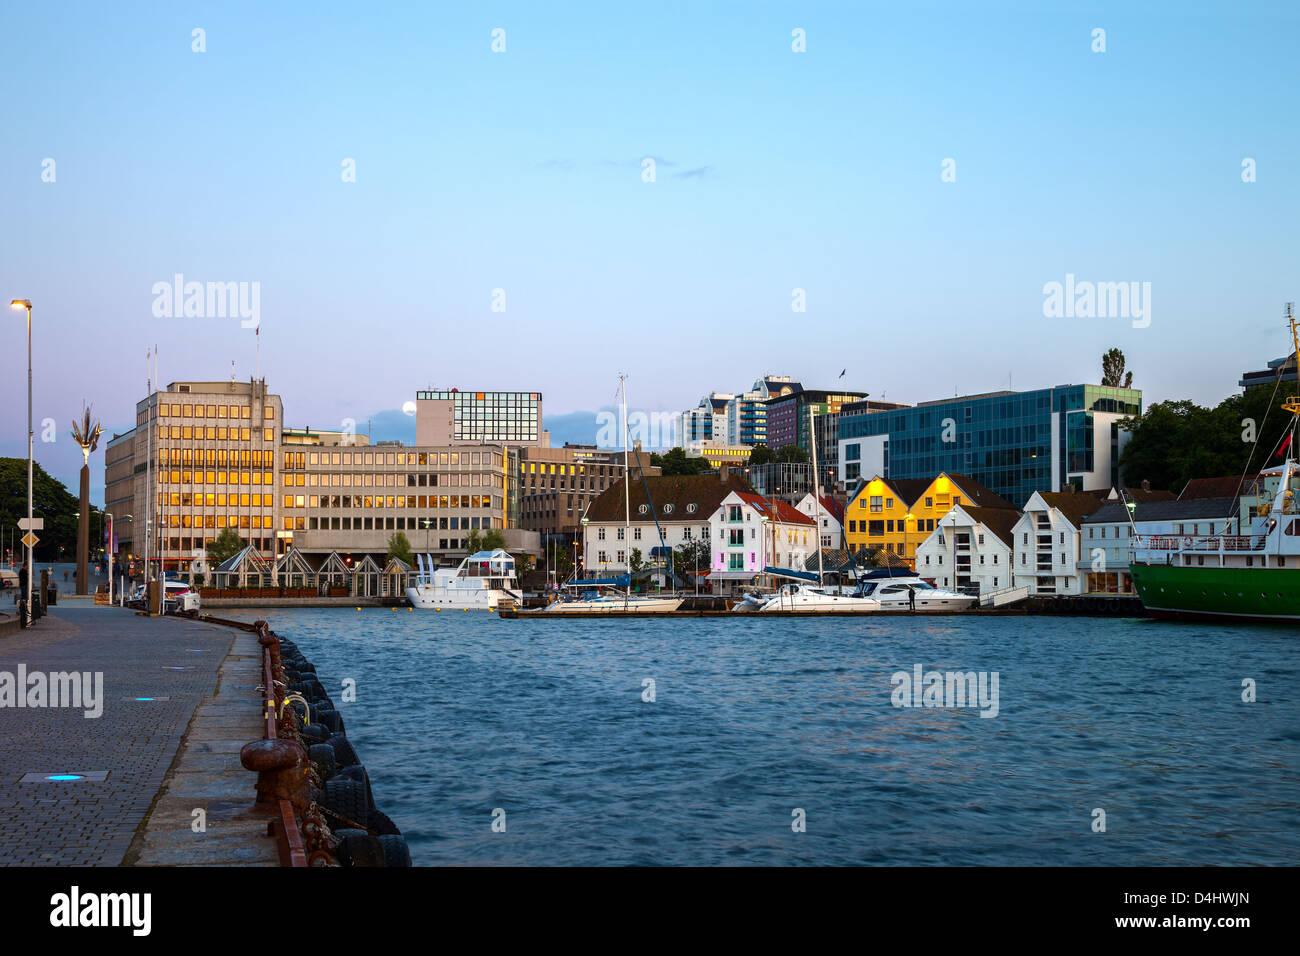 Zentrum von Stavanger am Abend, Norwegen. Stockfoto